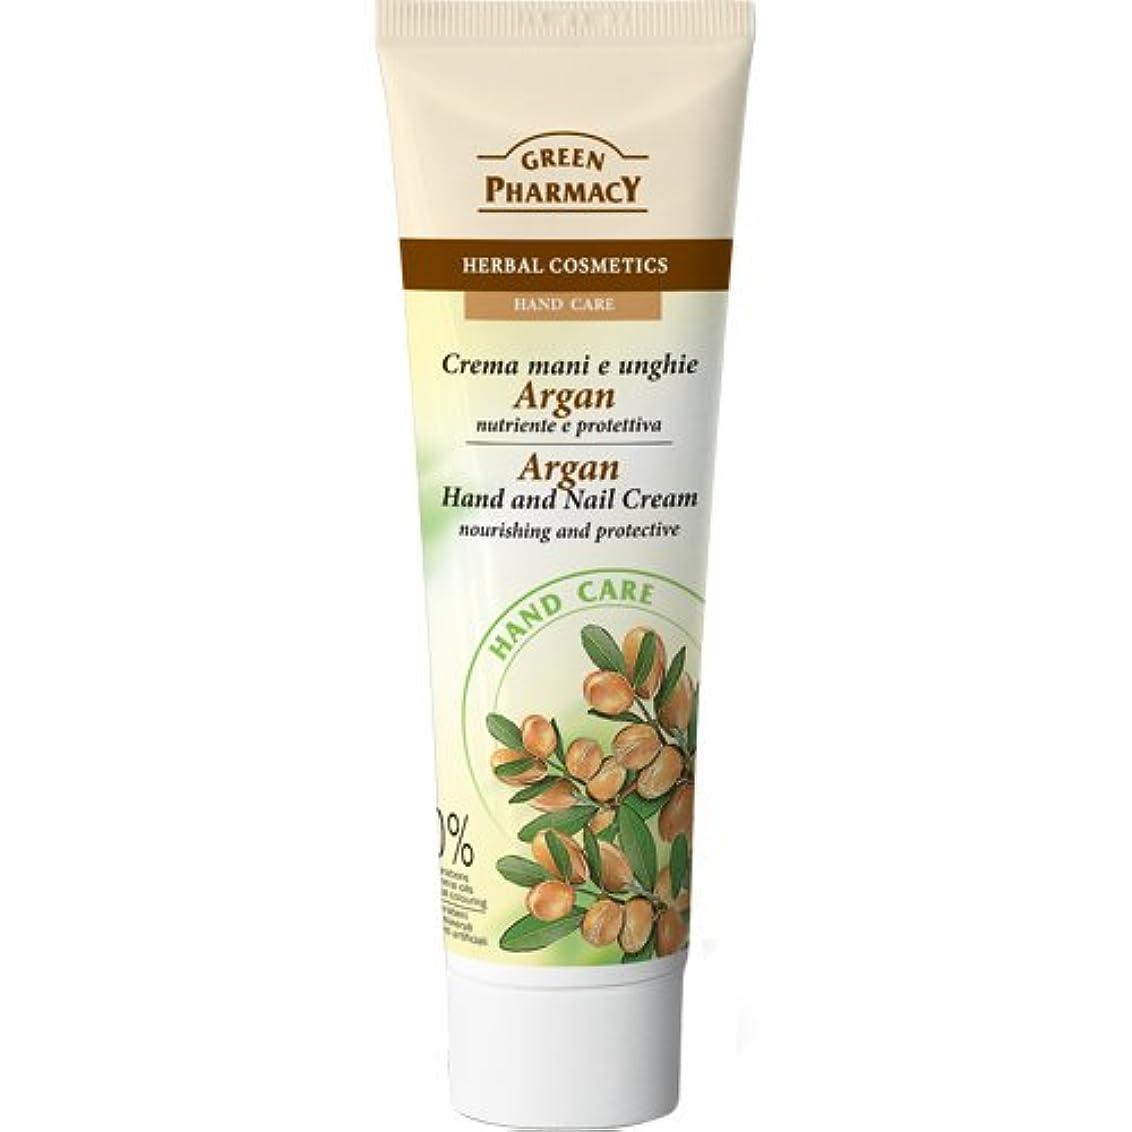 バケットありふれた目指すElfa Pharm Green Pharmacy グリーンファーマシー Hand&Nail Cream ハンド&ネイルクリーム Argan Oil